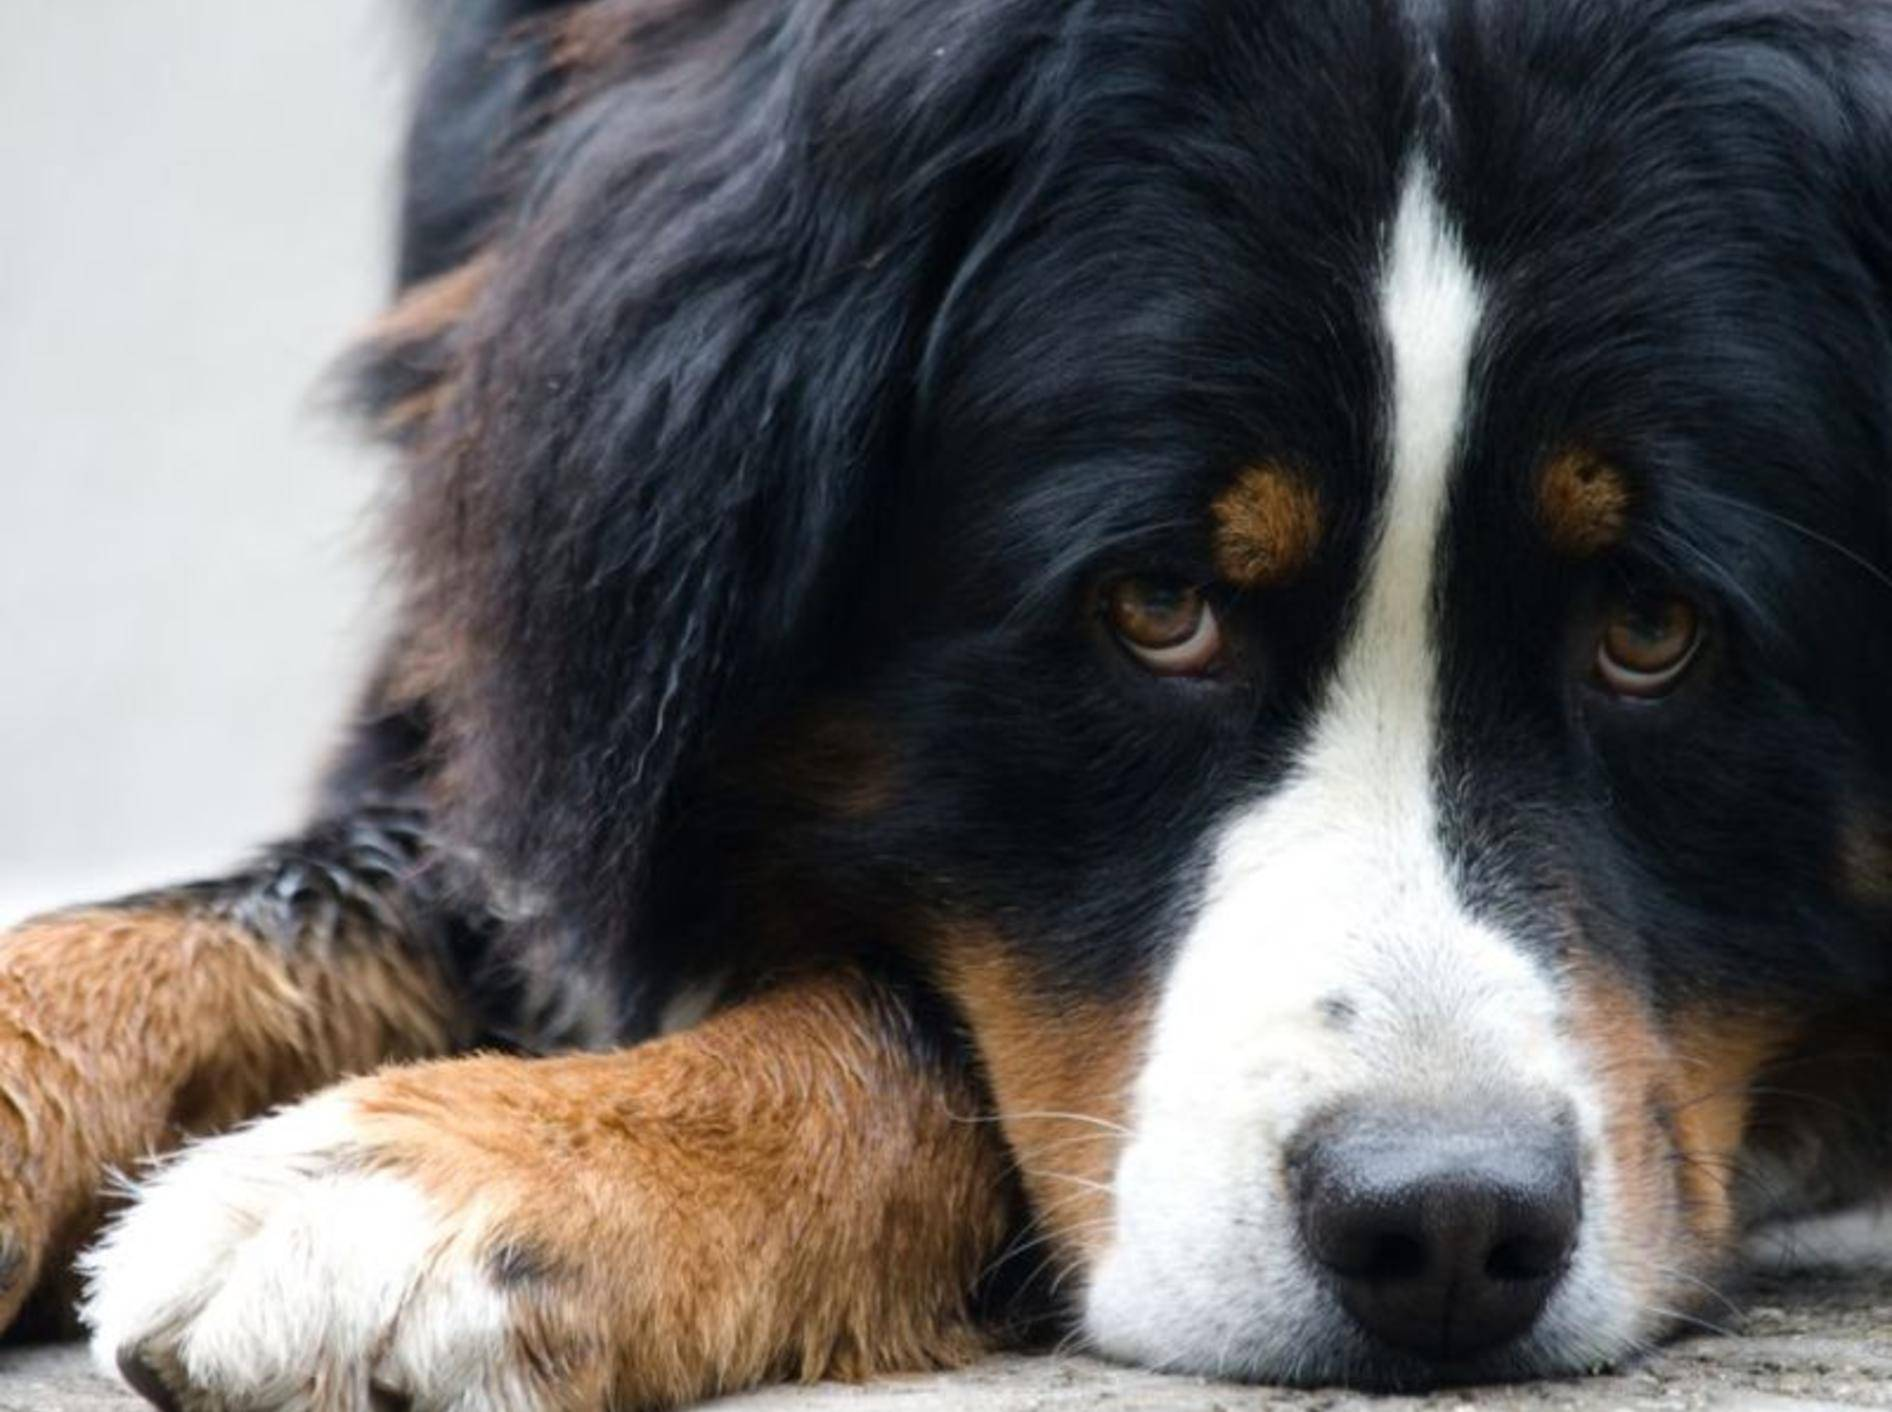 Ihren Hund einschläfern lassen – bei der Entscheidung kann ein Tierarzt womöglich helfen – Shutterstock / Pavel Pustina